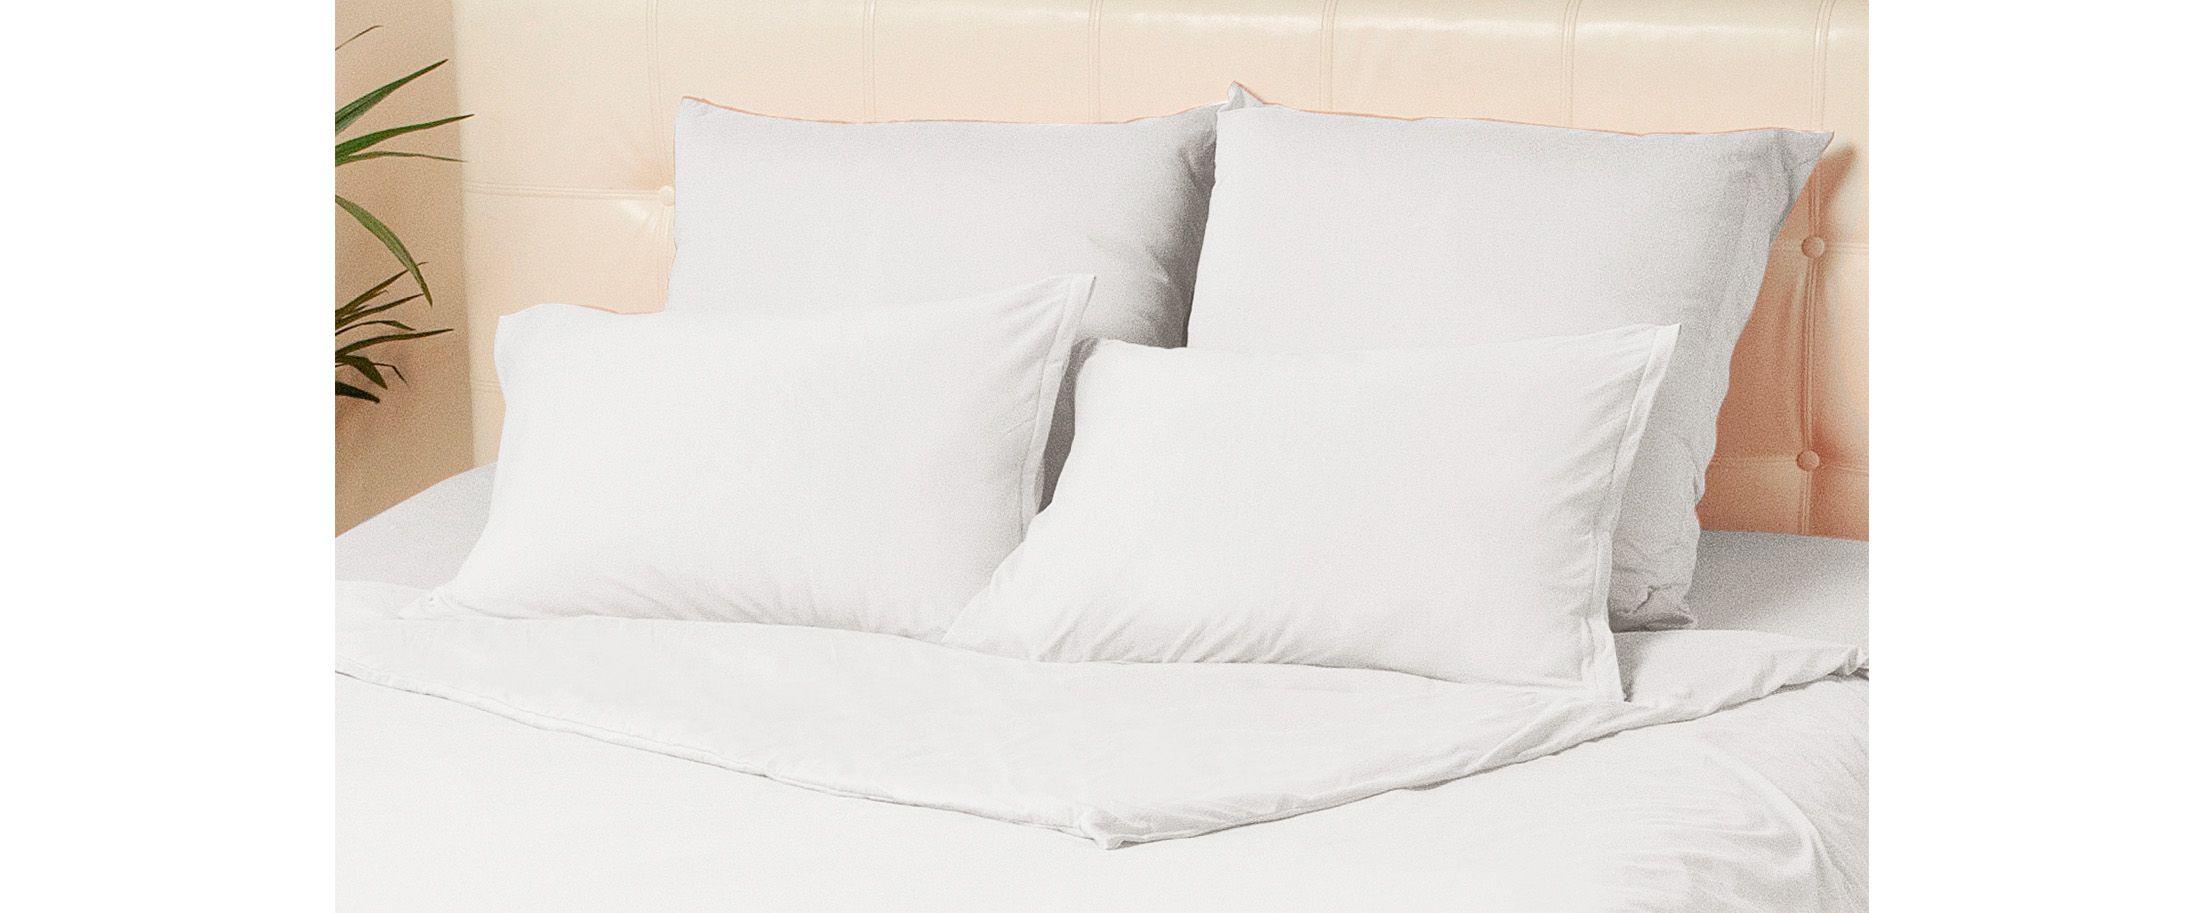 Комплект наволочек на молнии 50х70 белого цвета Violett Модель 4002 от MOON TRADE